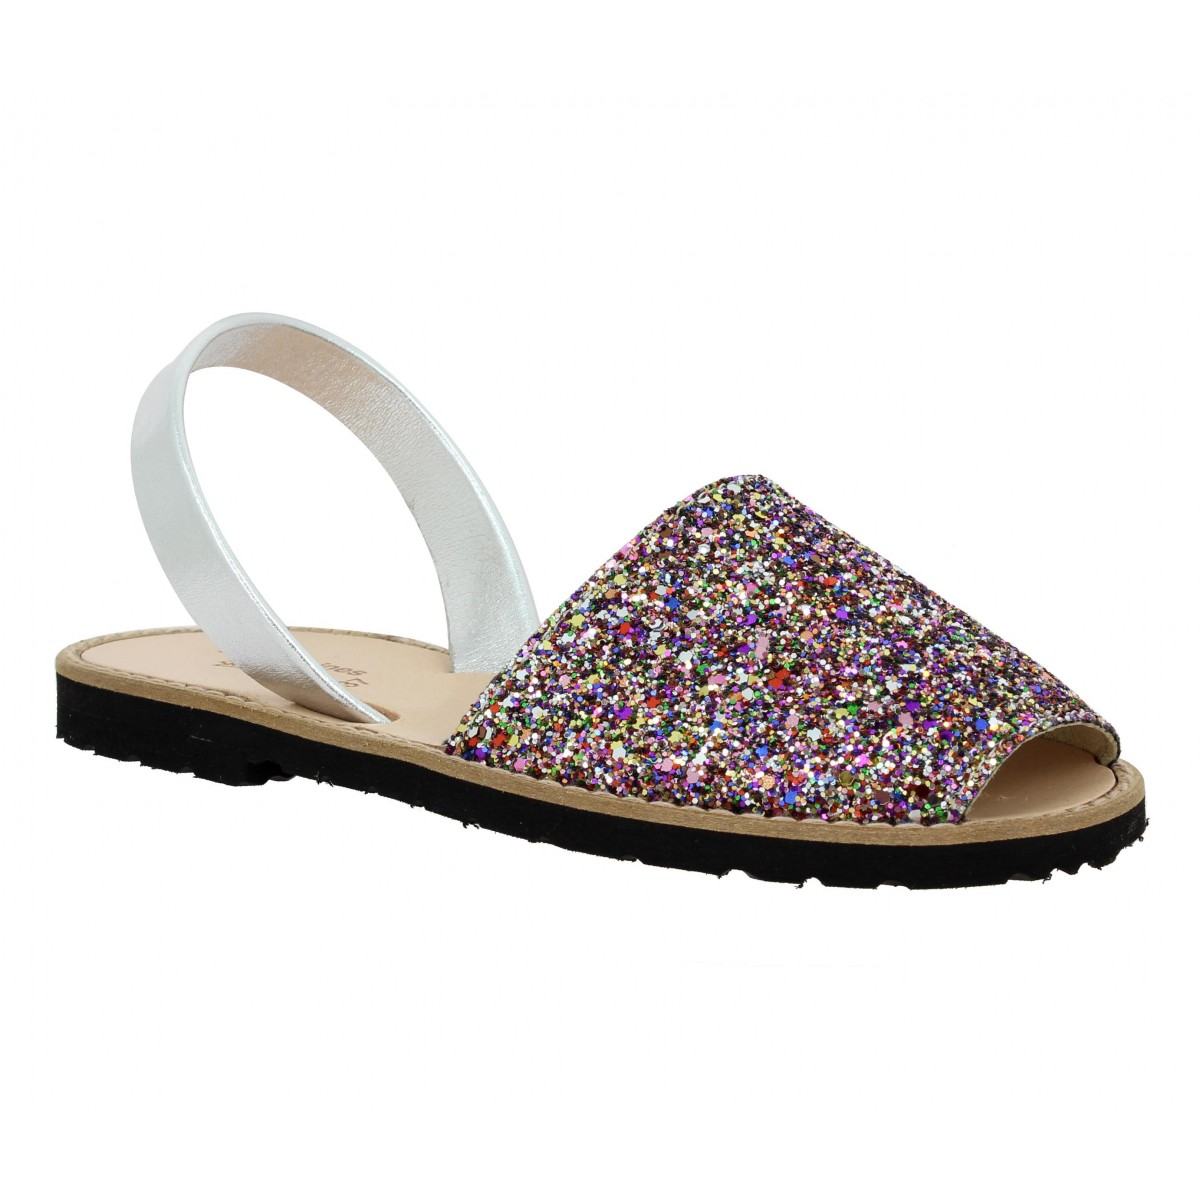 Nu-pieds MINORQUINES Avarca glitter Femme Multicolor